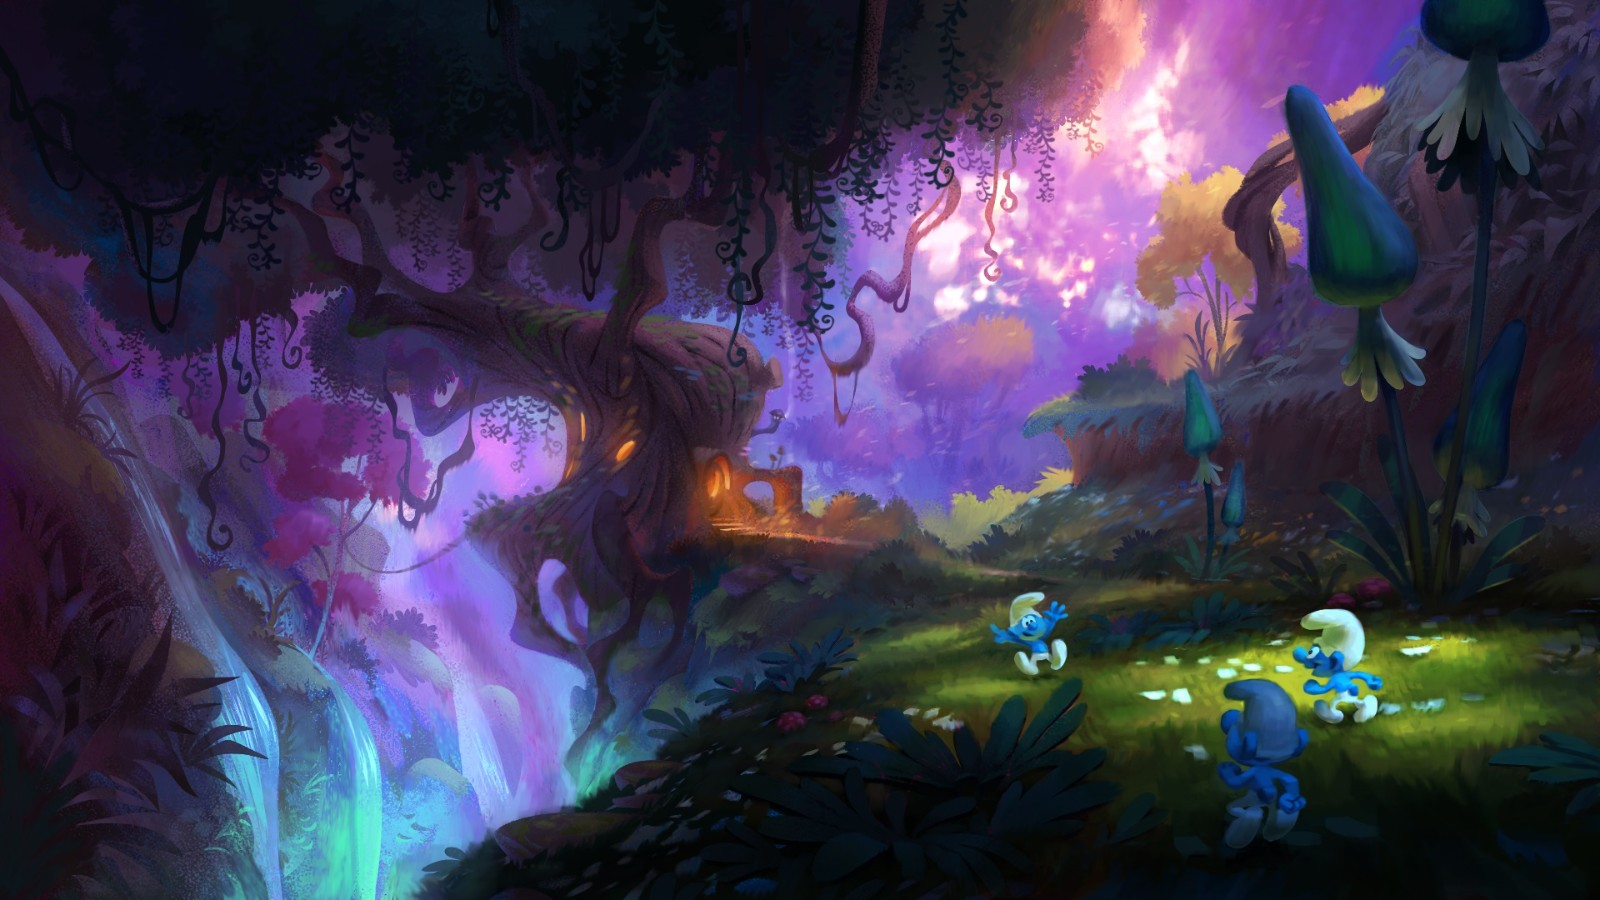 《蓝精灵》全新游戏名称确定 年内发售登陆全平台